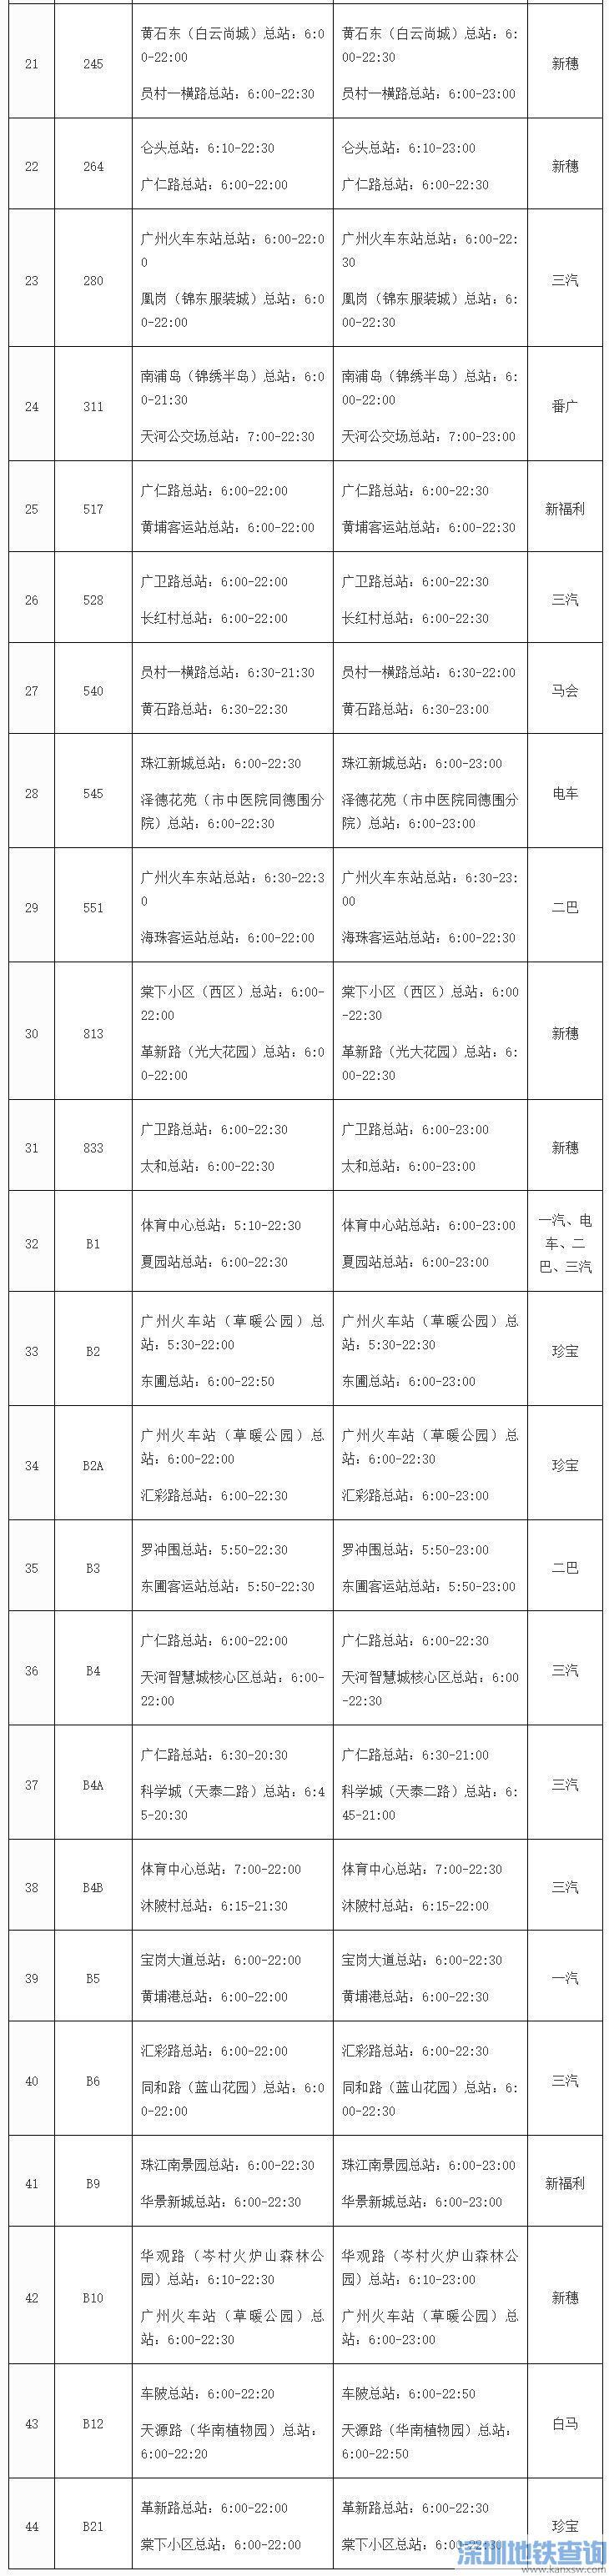 广州2020年12月25日起延长这44条公交线路运营时间